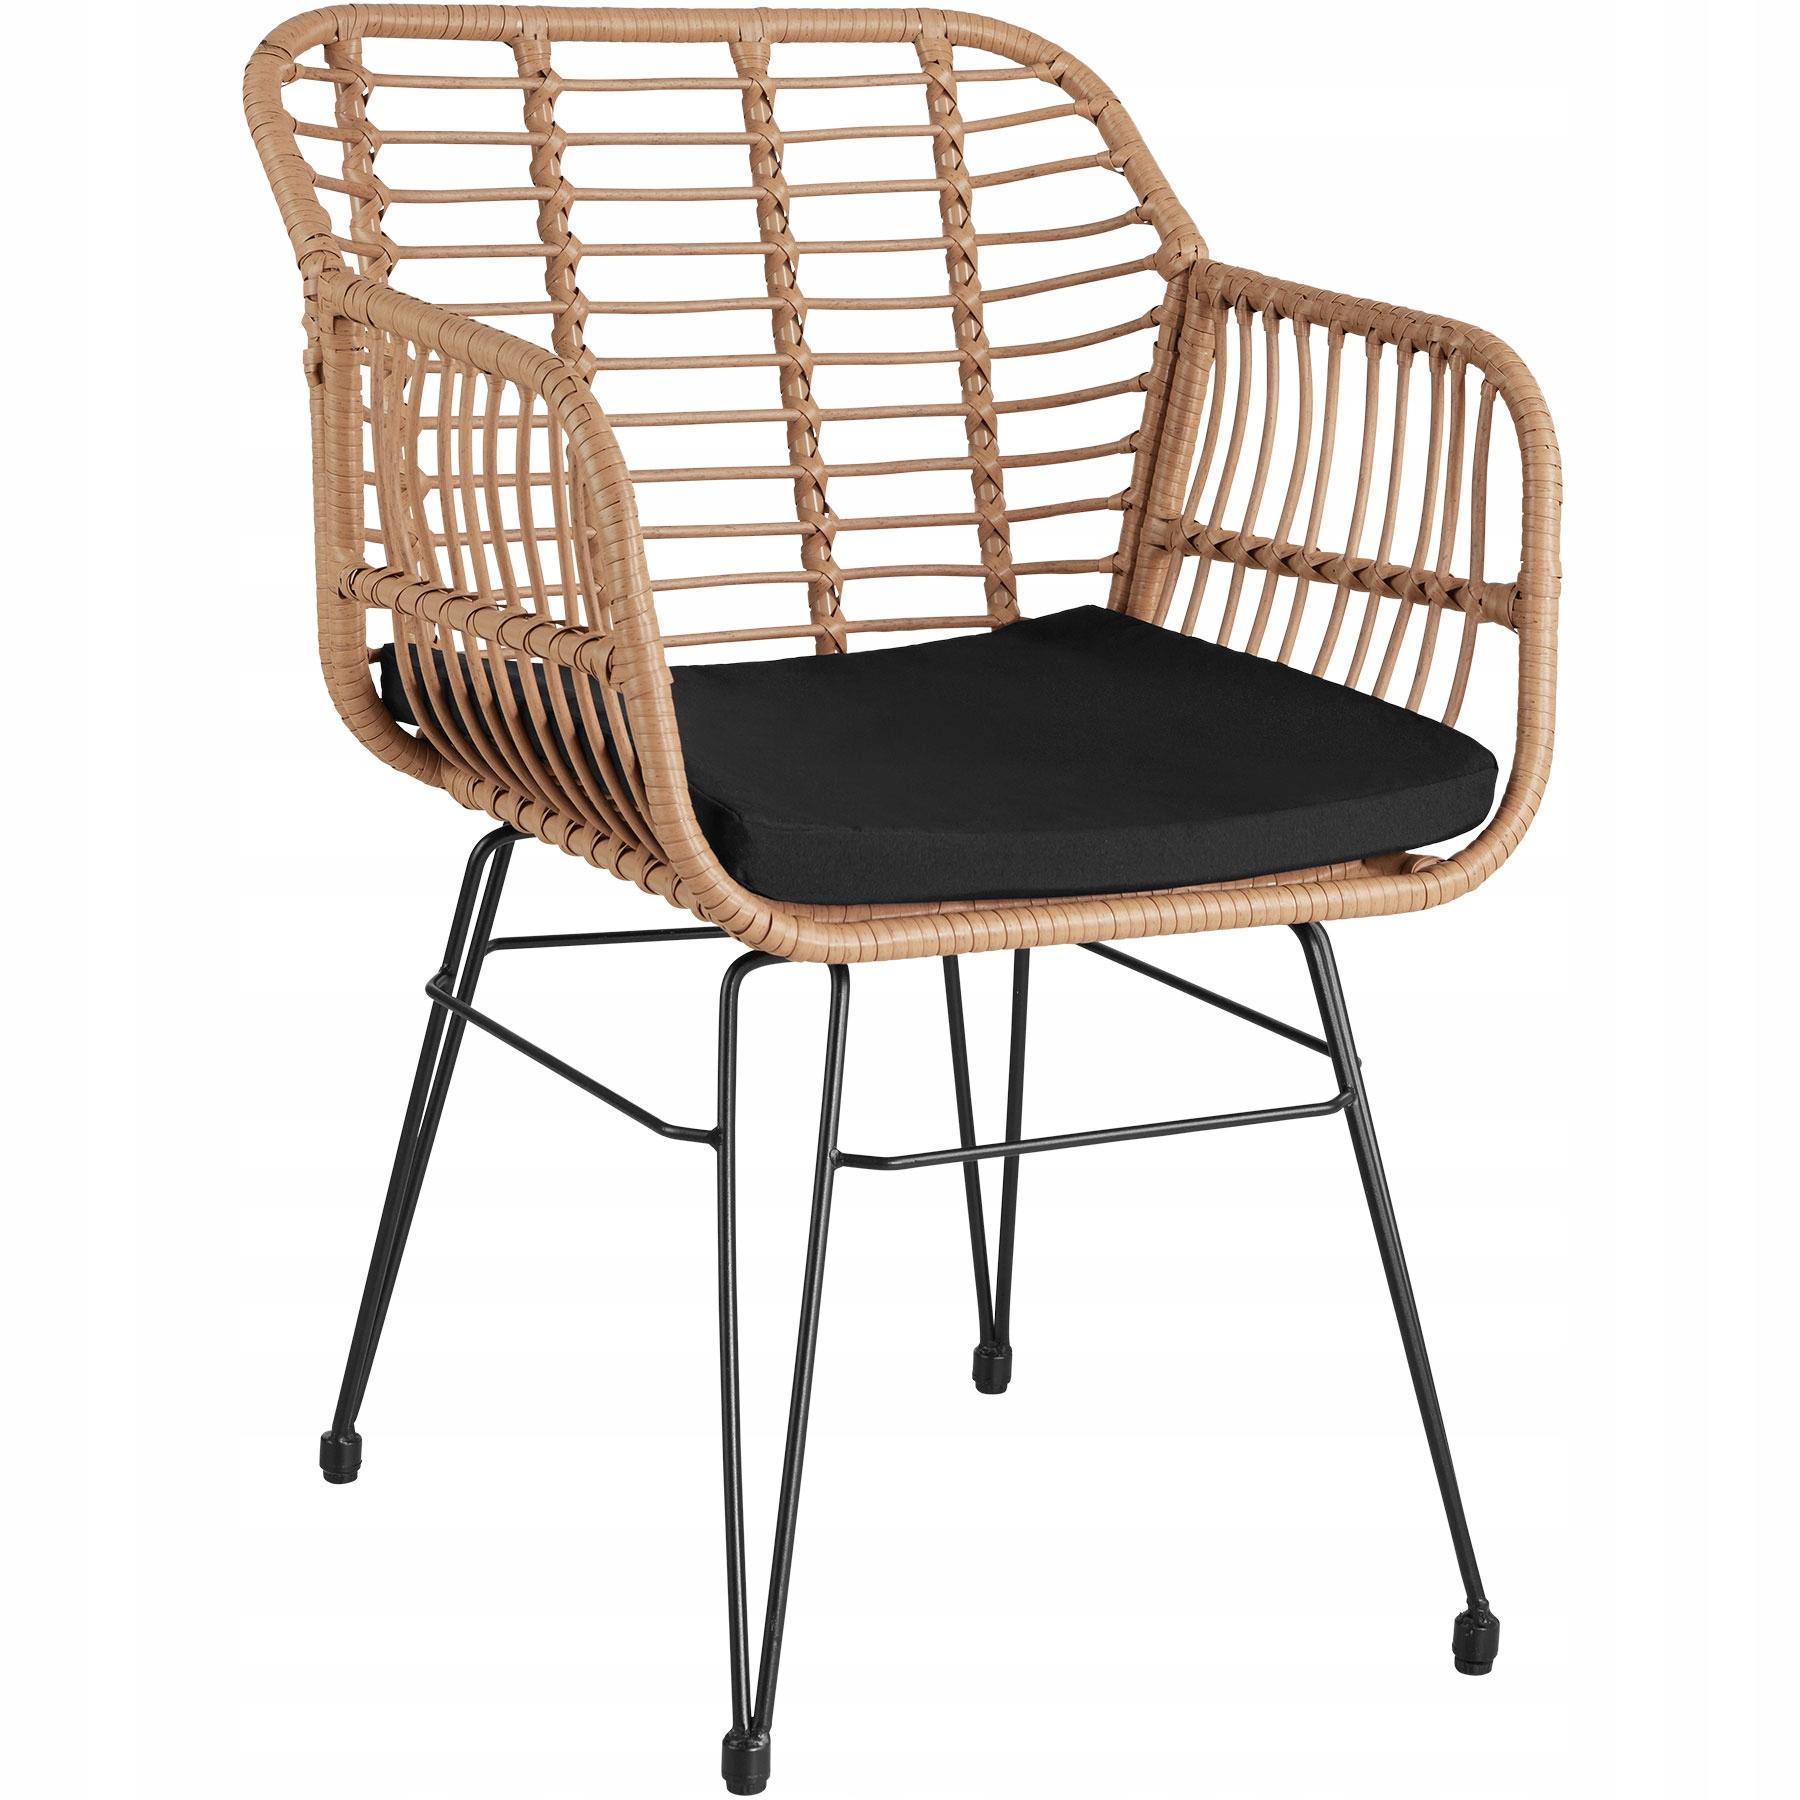 Balkónový záhradný nábytok Molfetta prírodný 403558 Výrobca tectake